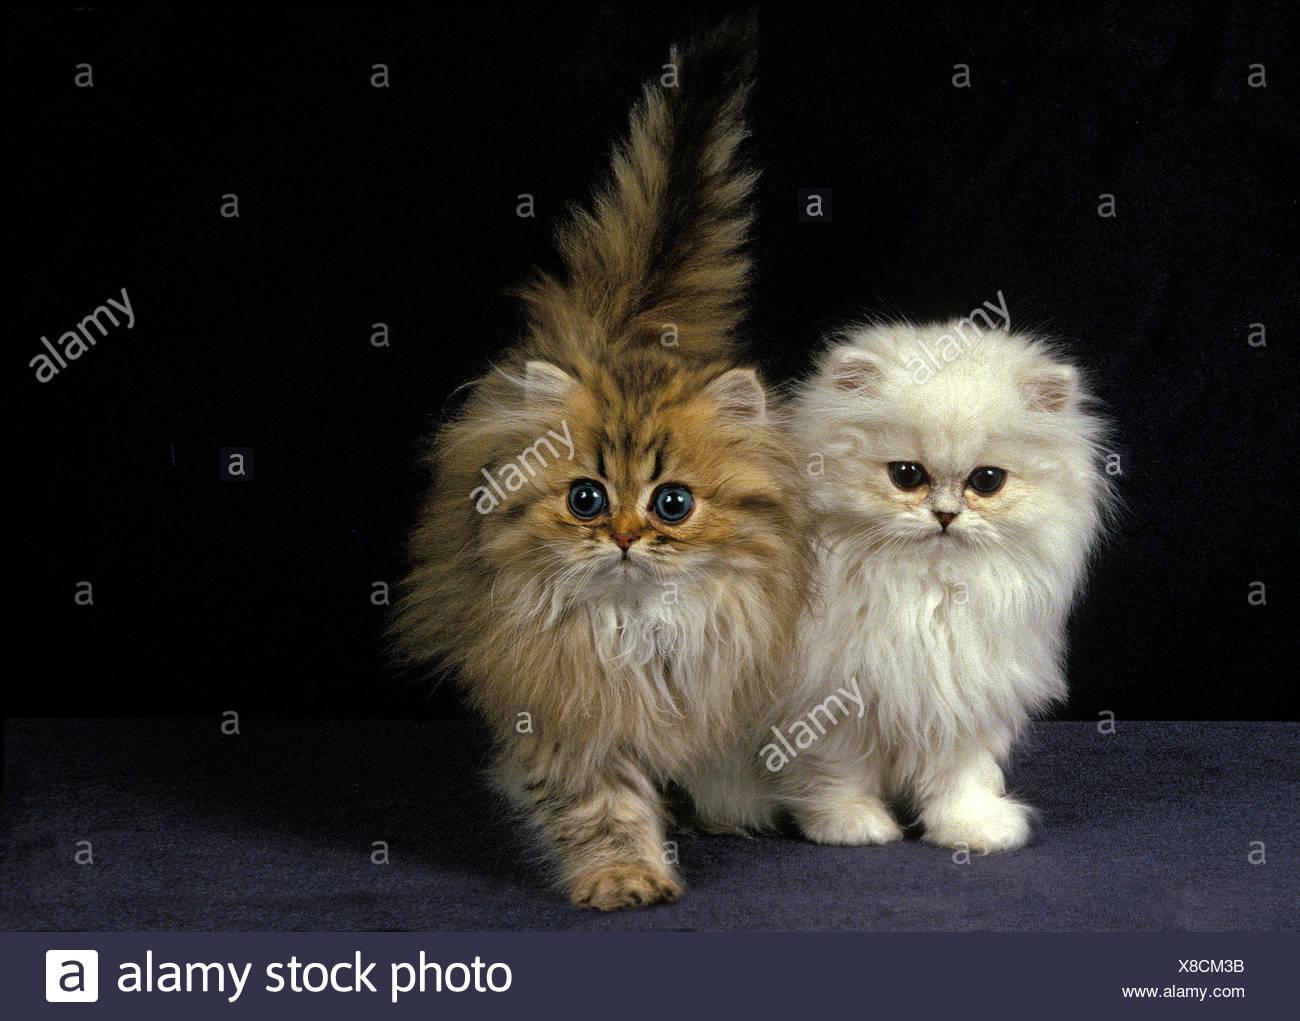 Golden Und Chinchilla Perser Katze Katzchen Stockfotografie Alamy